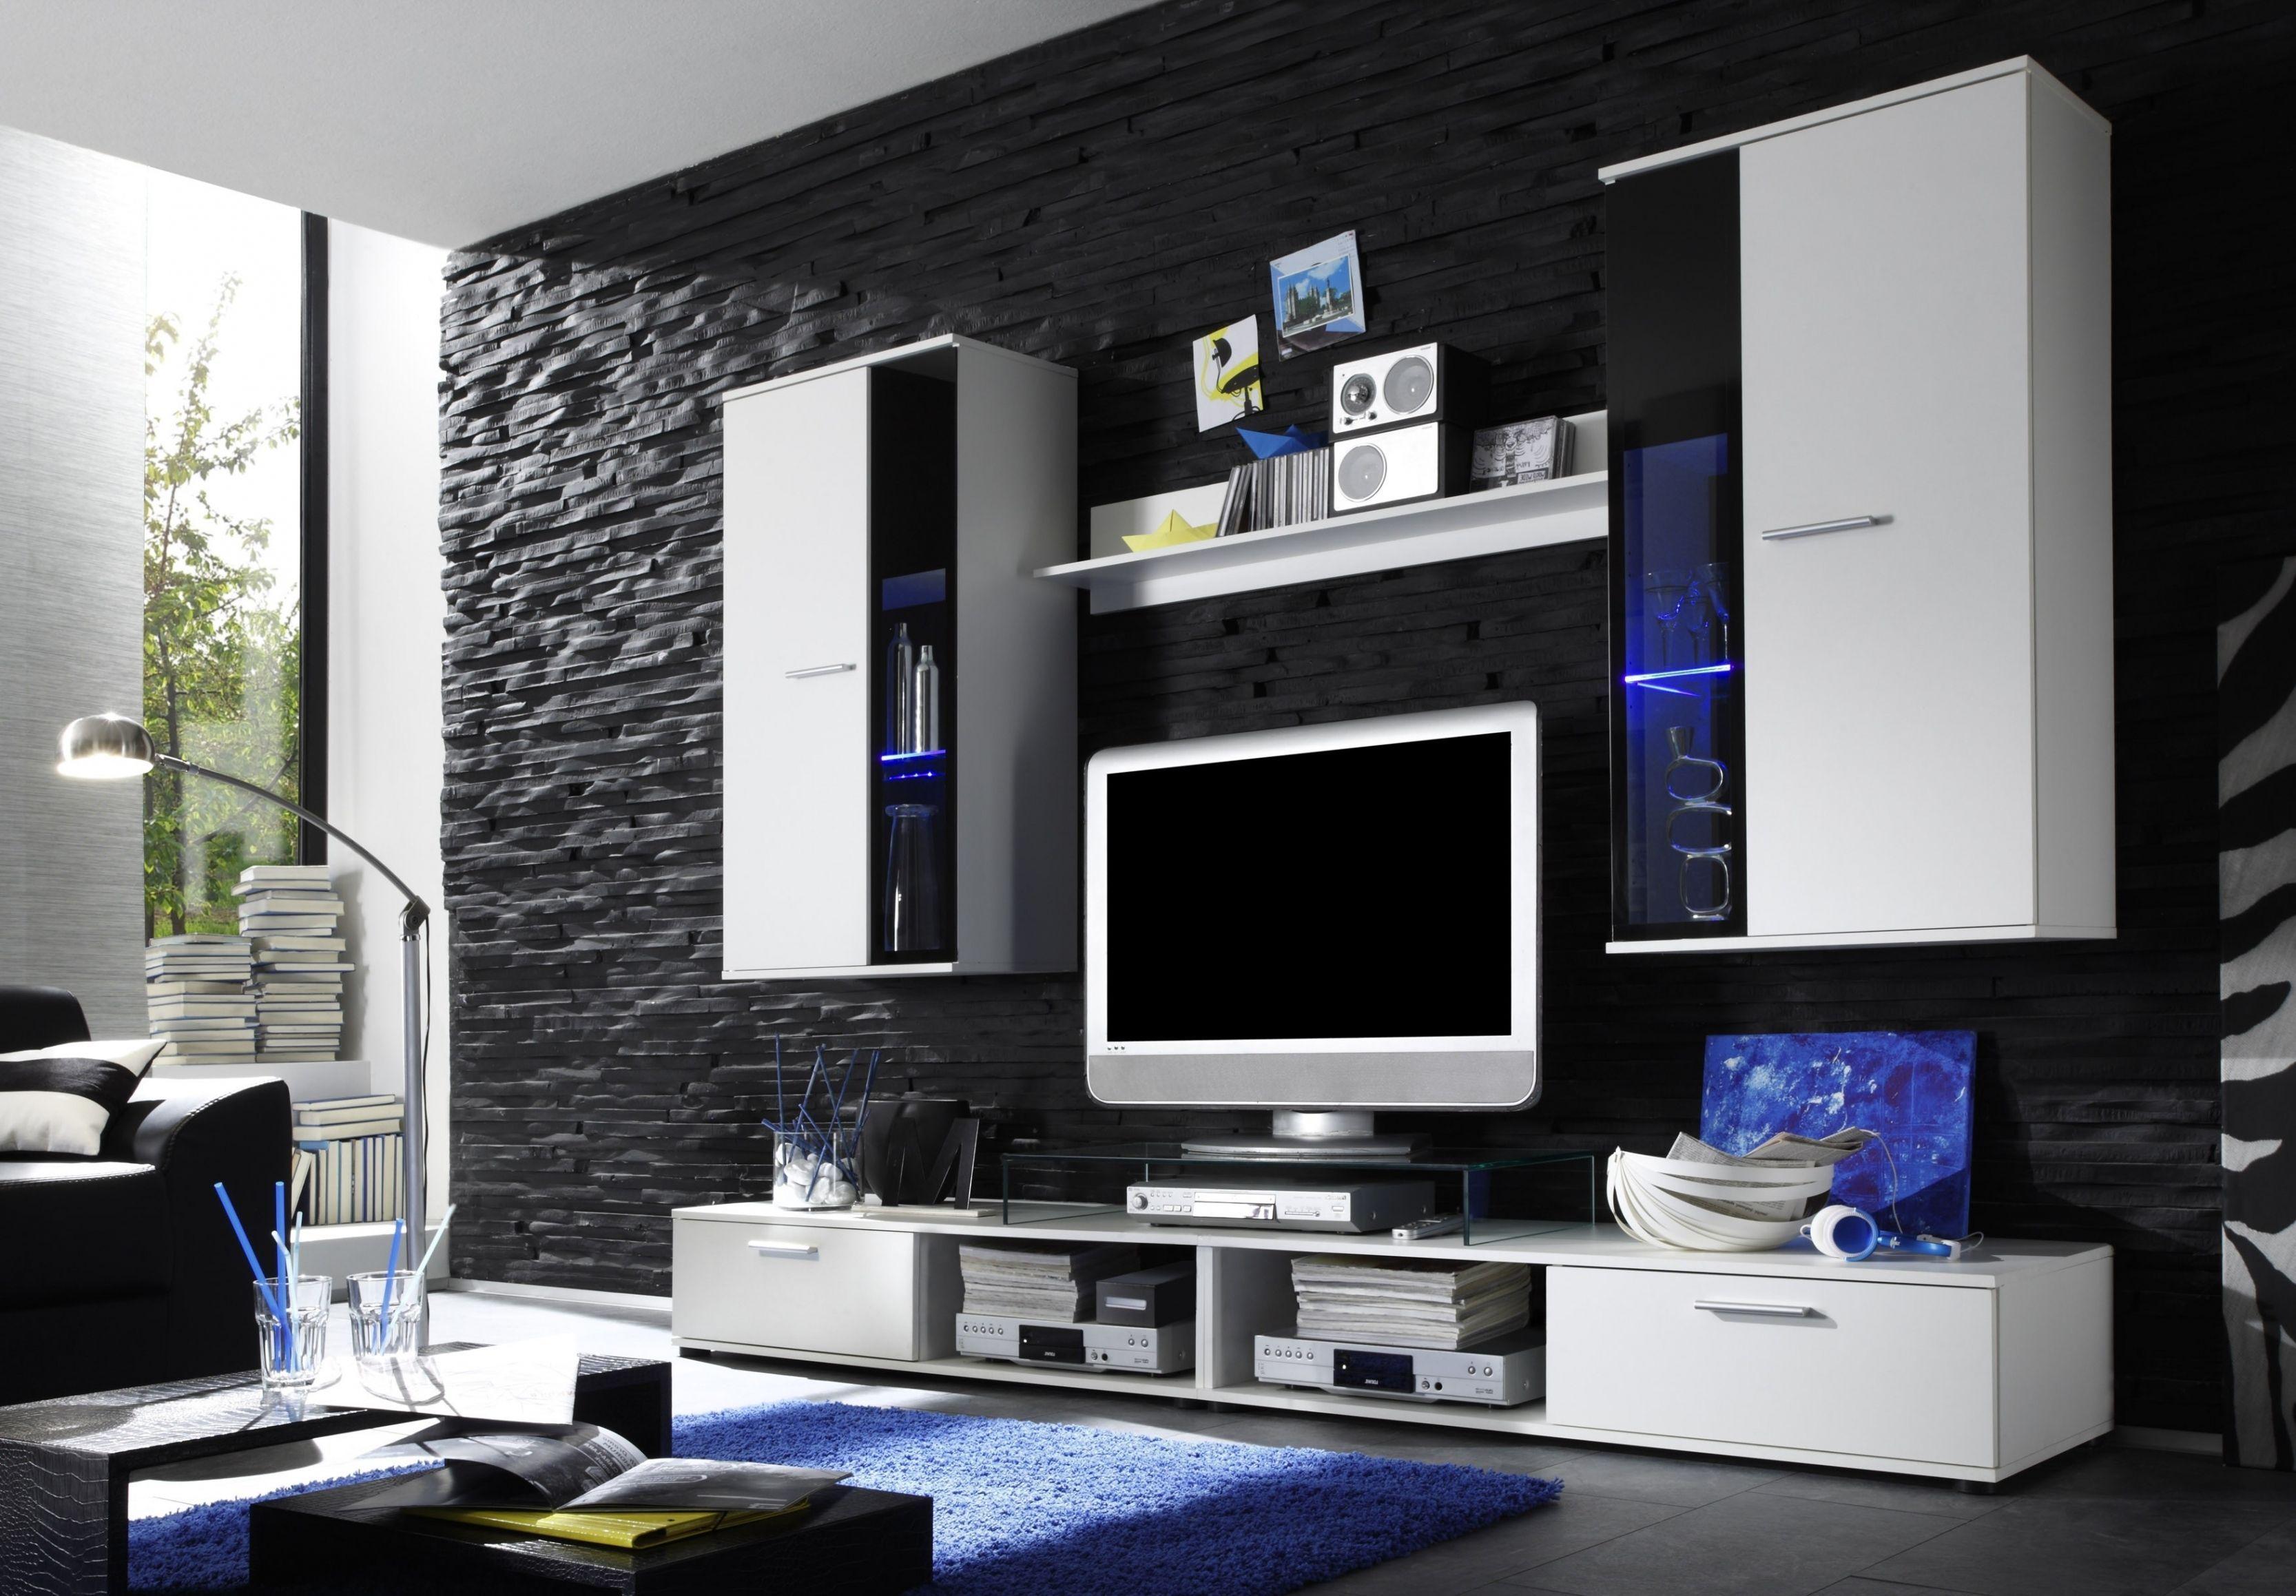 wohnzimmer schwarz weiß einrichten | Pinterest | Wohnzimmer, Wände ...